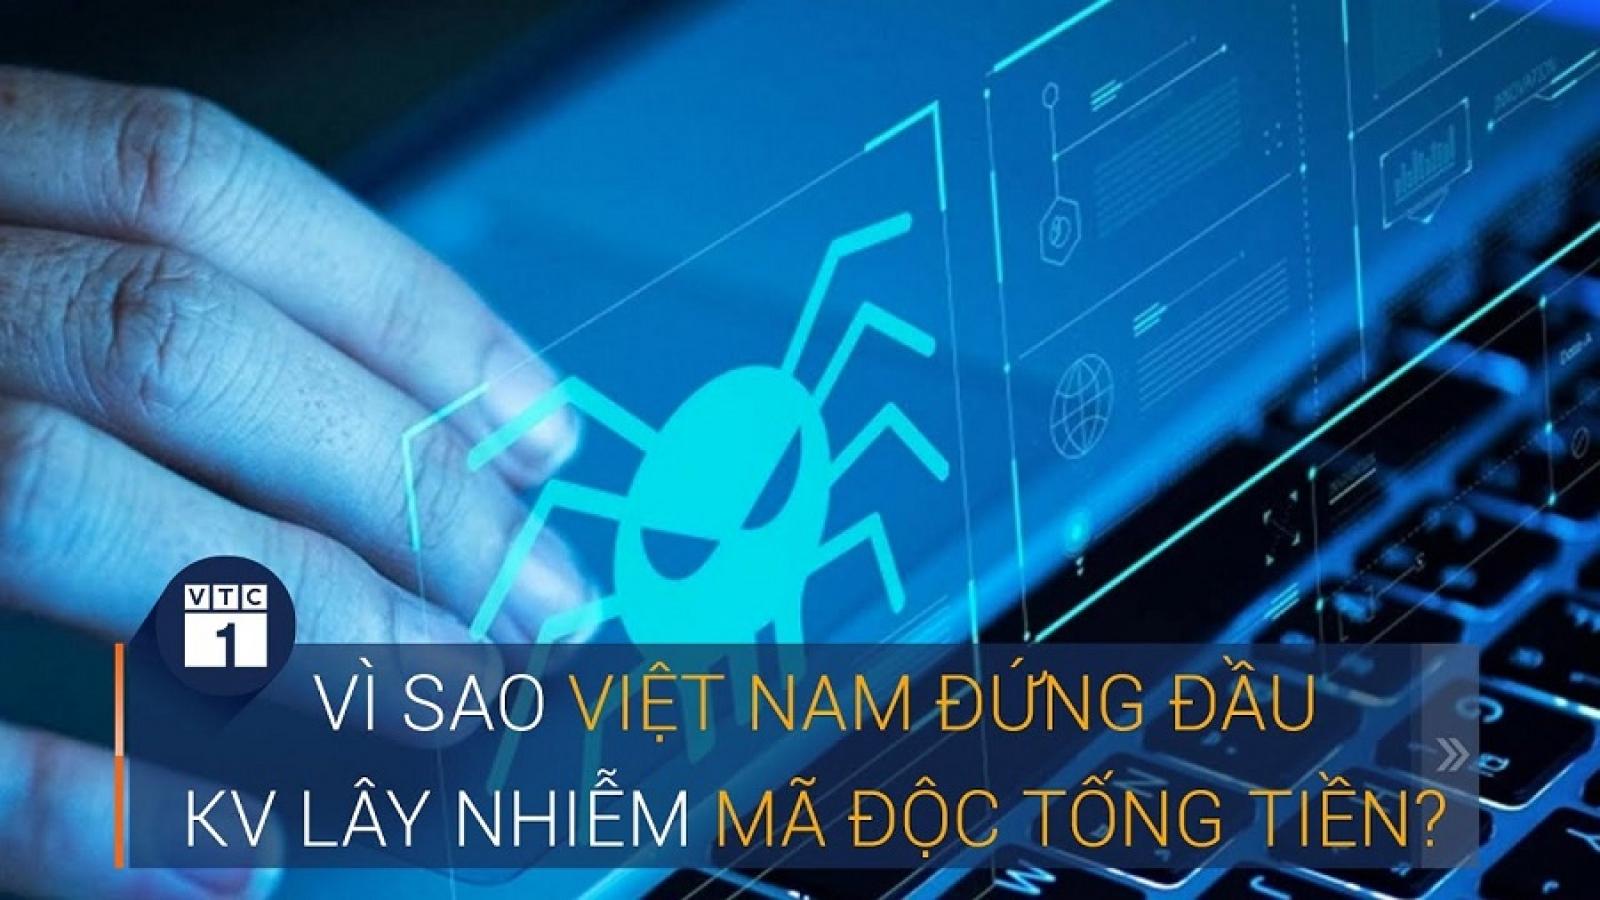 Việt Nam đứng đầu khu vực lây nhiễm mã độc tống tiền